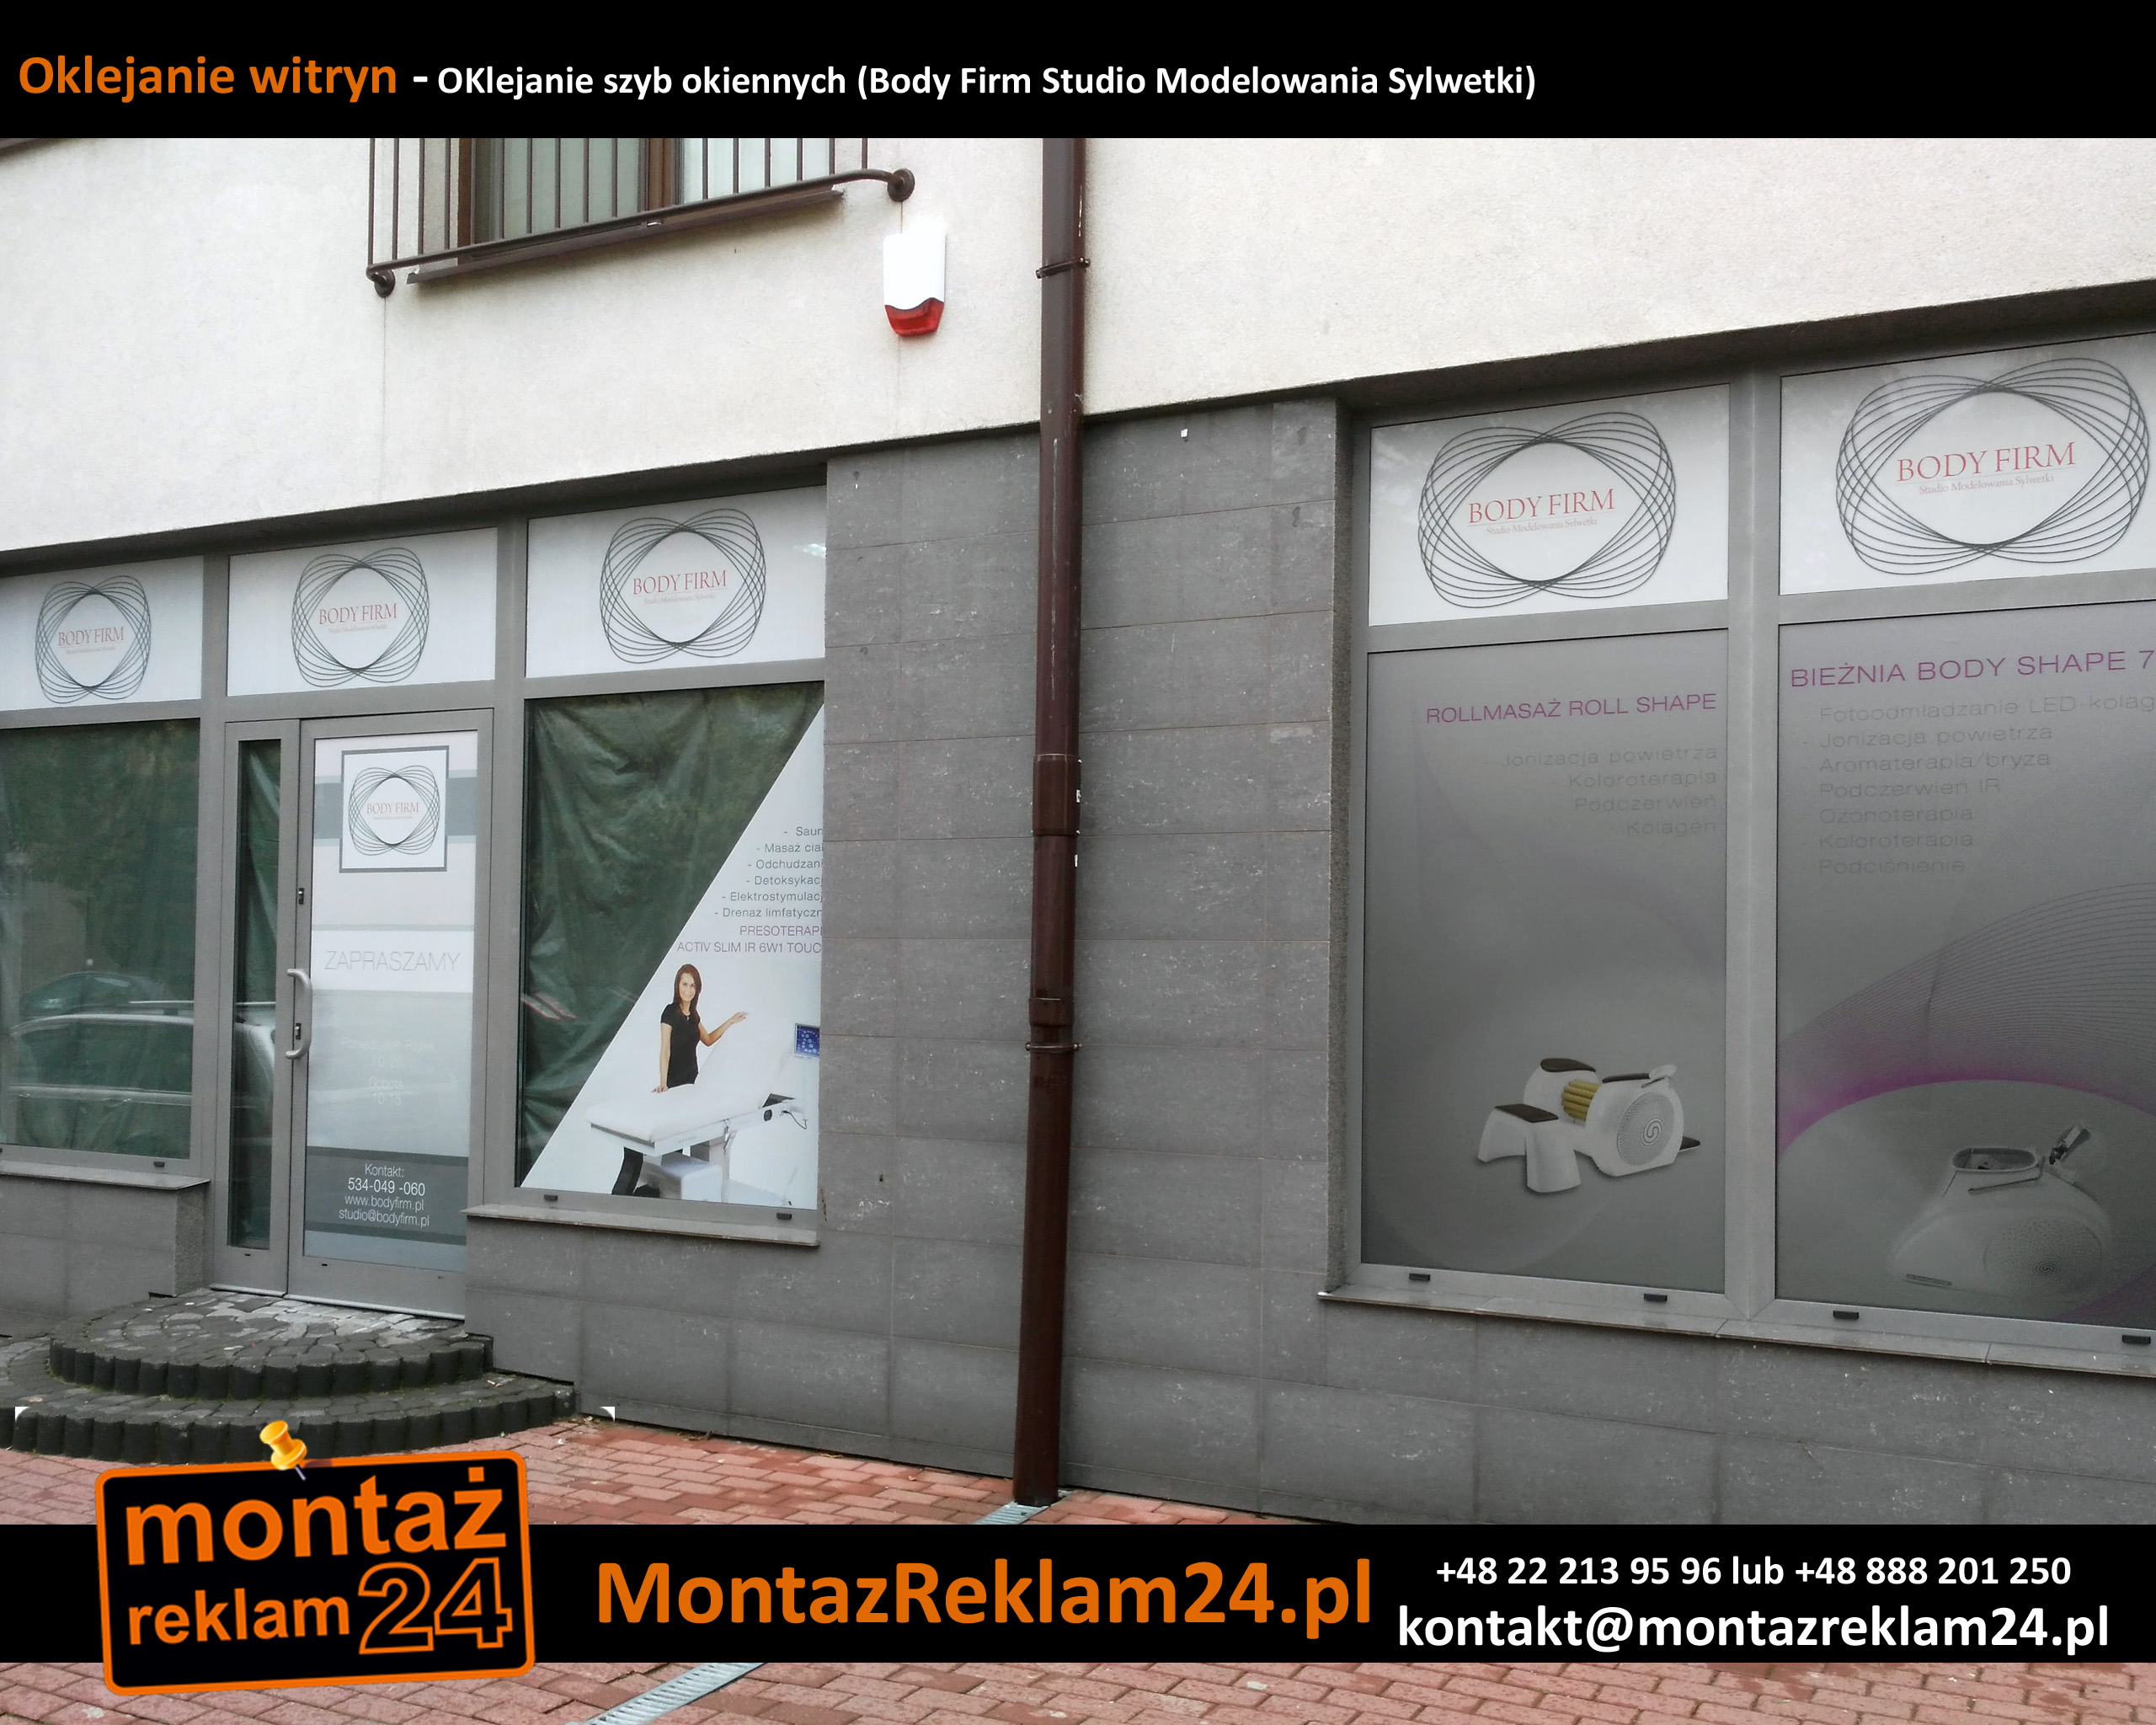 Oklejanie witryn - OKlejanie szyb okiennych (Body Firm Studio Modelowania Sylwetki).jpg